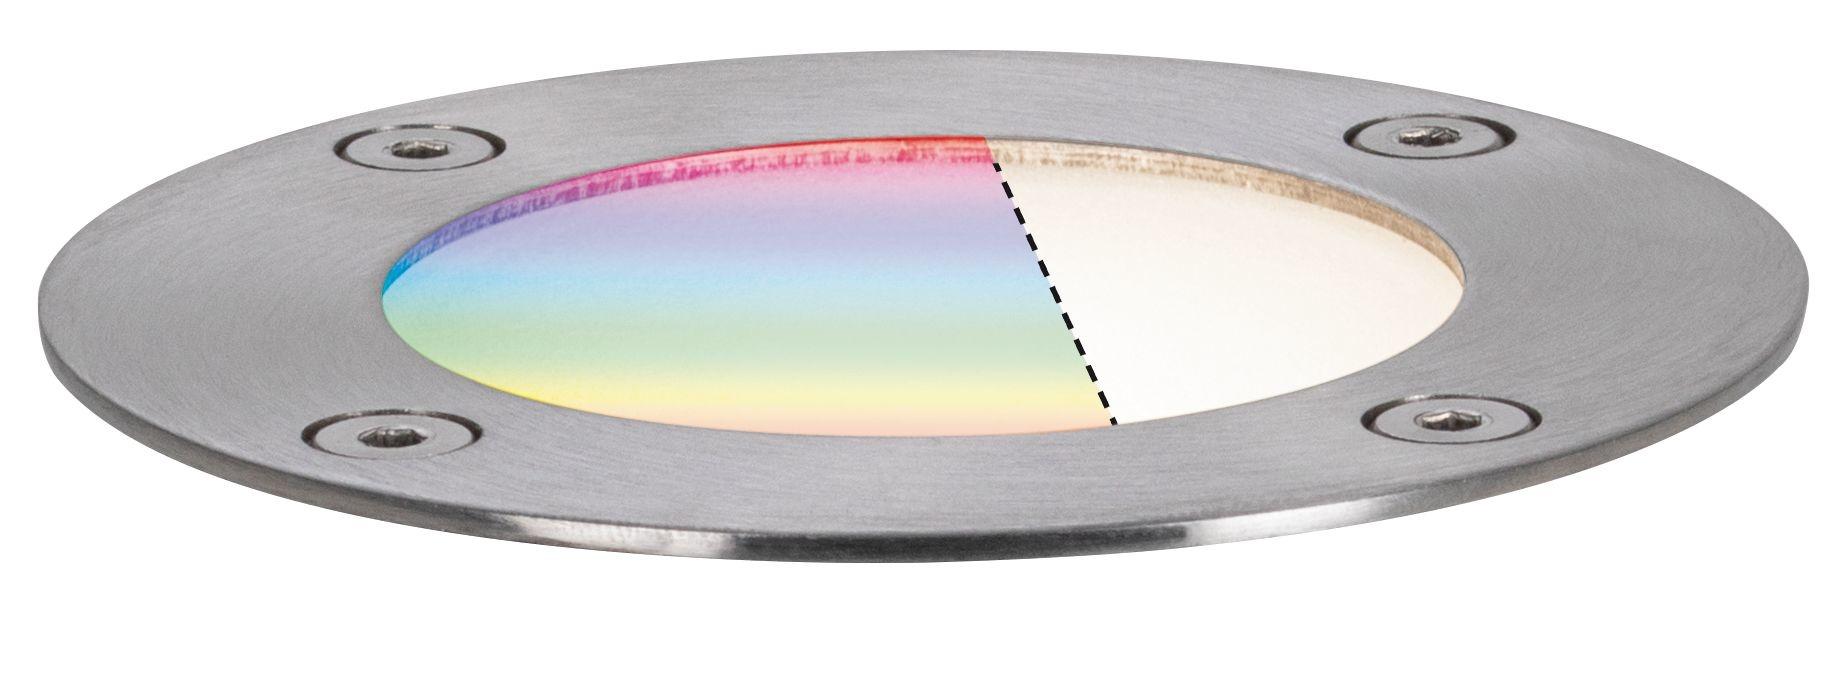 Paulmann Plug & Shine Bodeneinbauleuchte IP65 RGBW 24V ZigBee